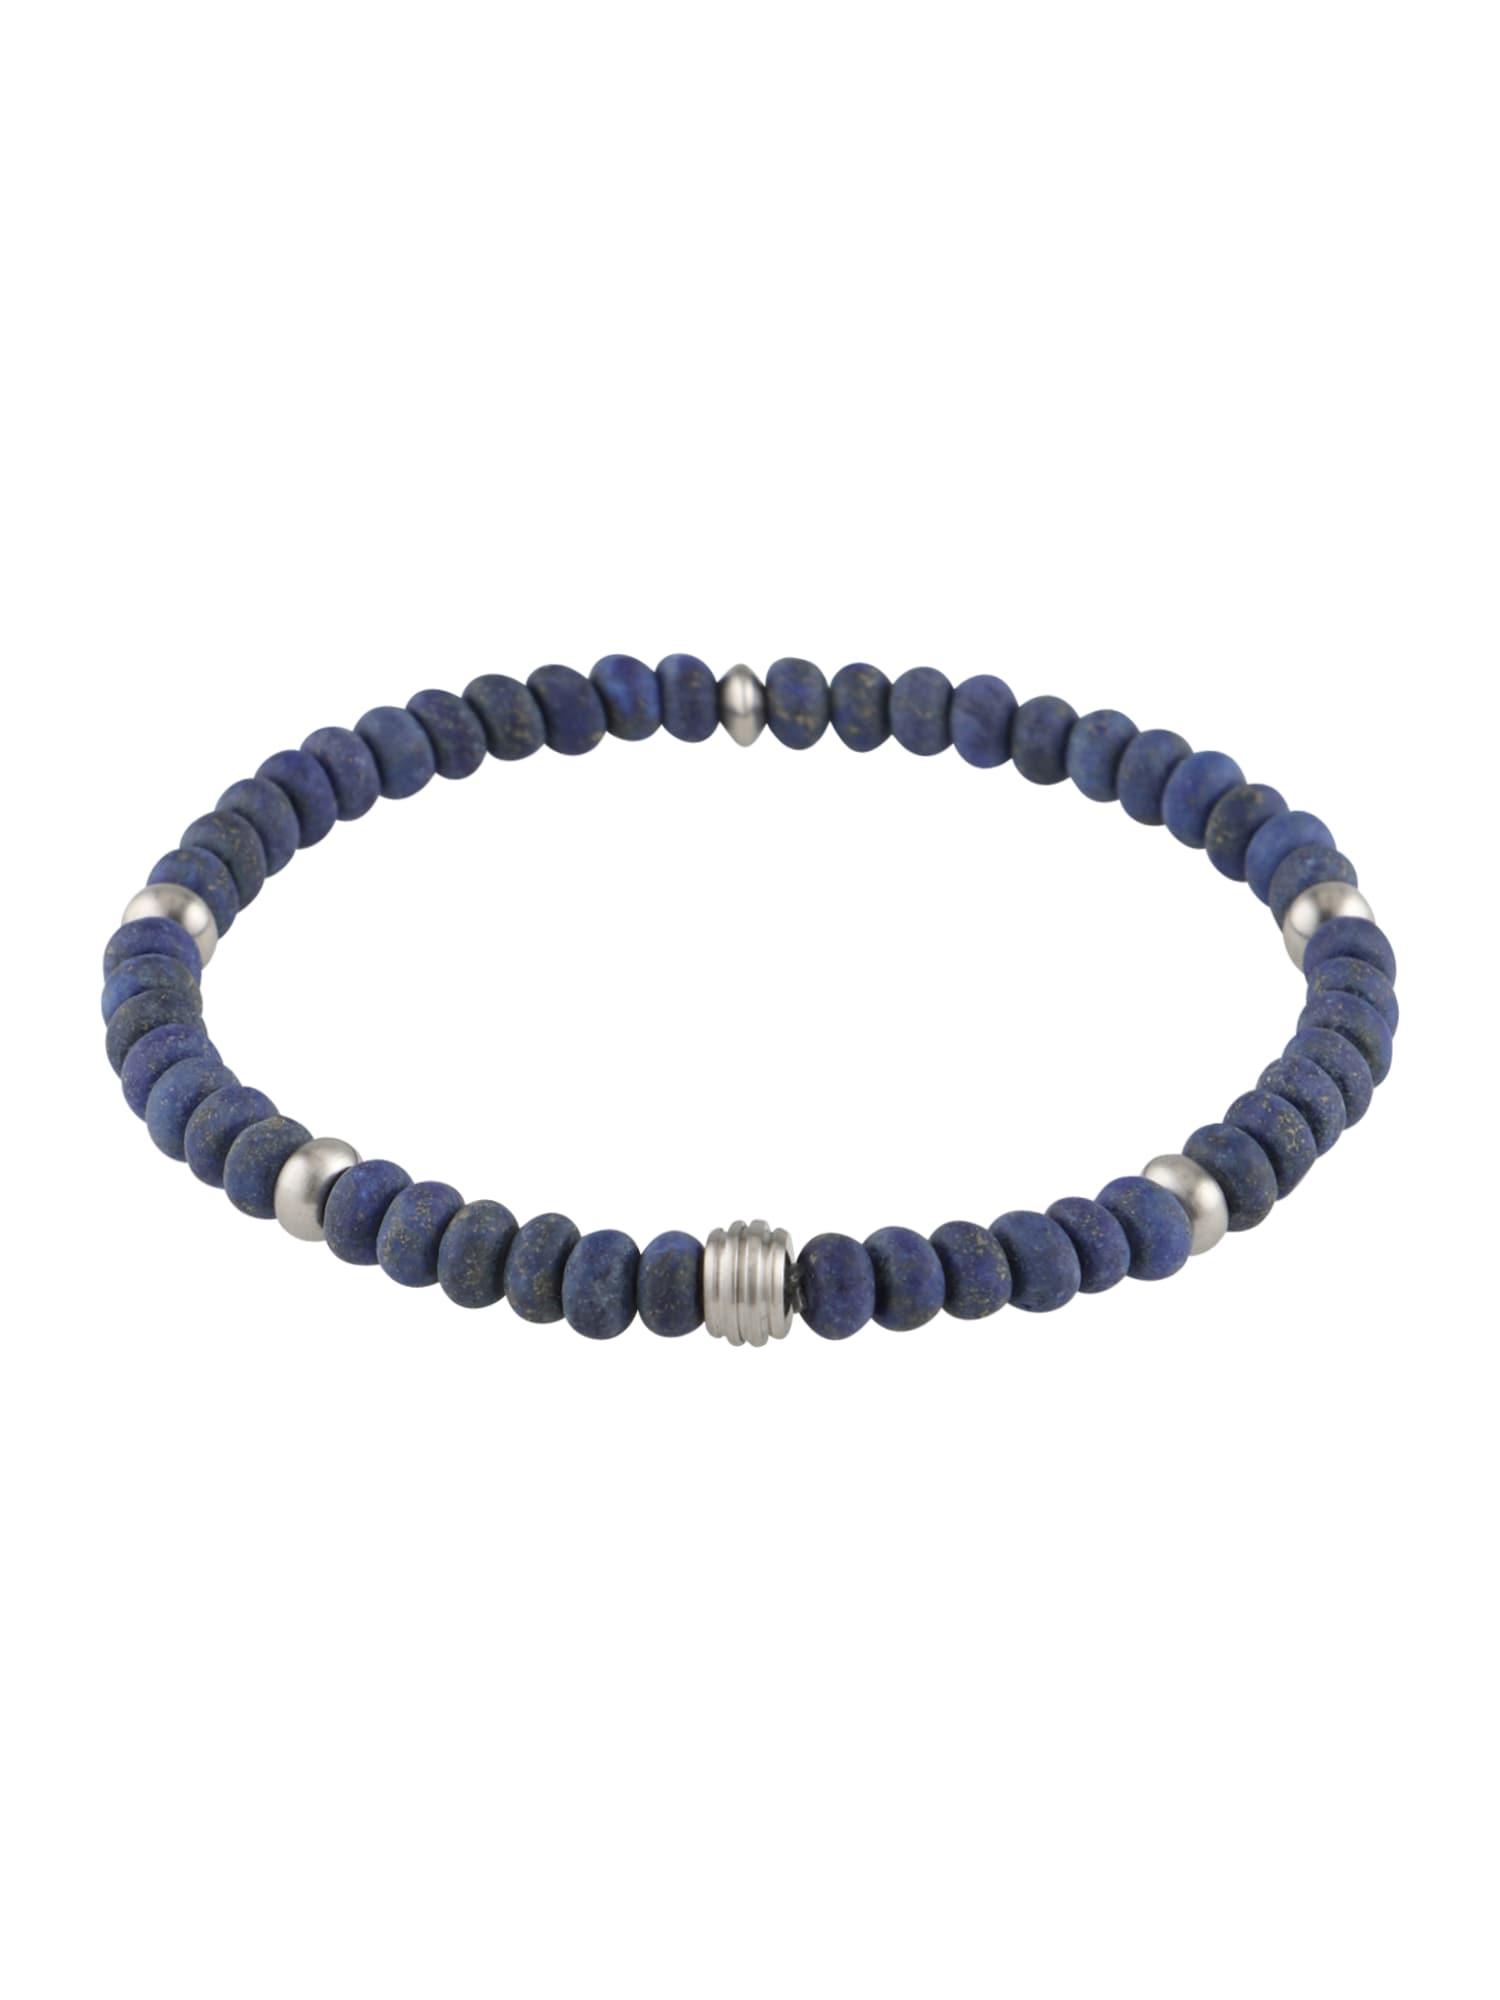 Náramek Bead Bracelet modrá ROYAL-EGO